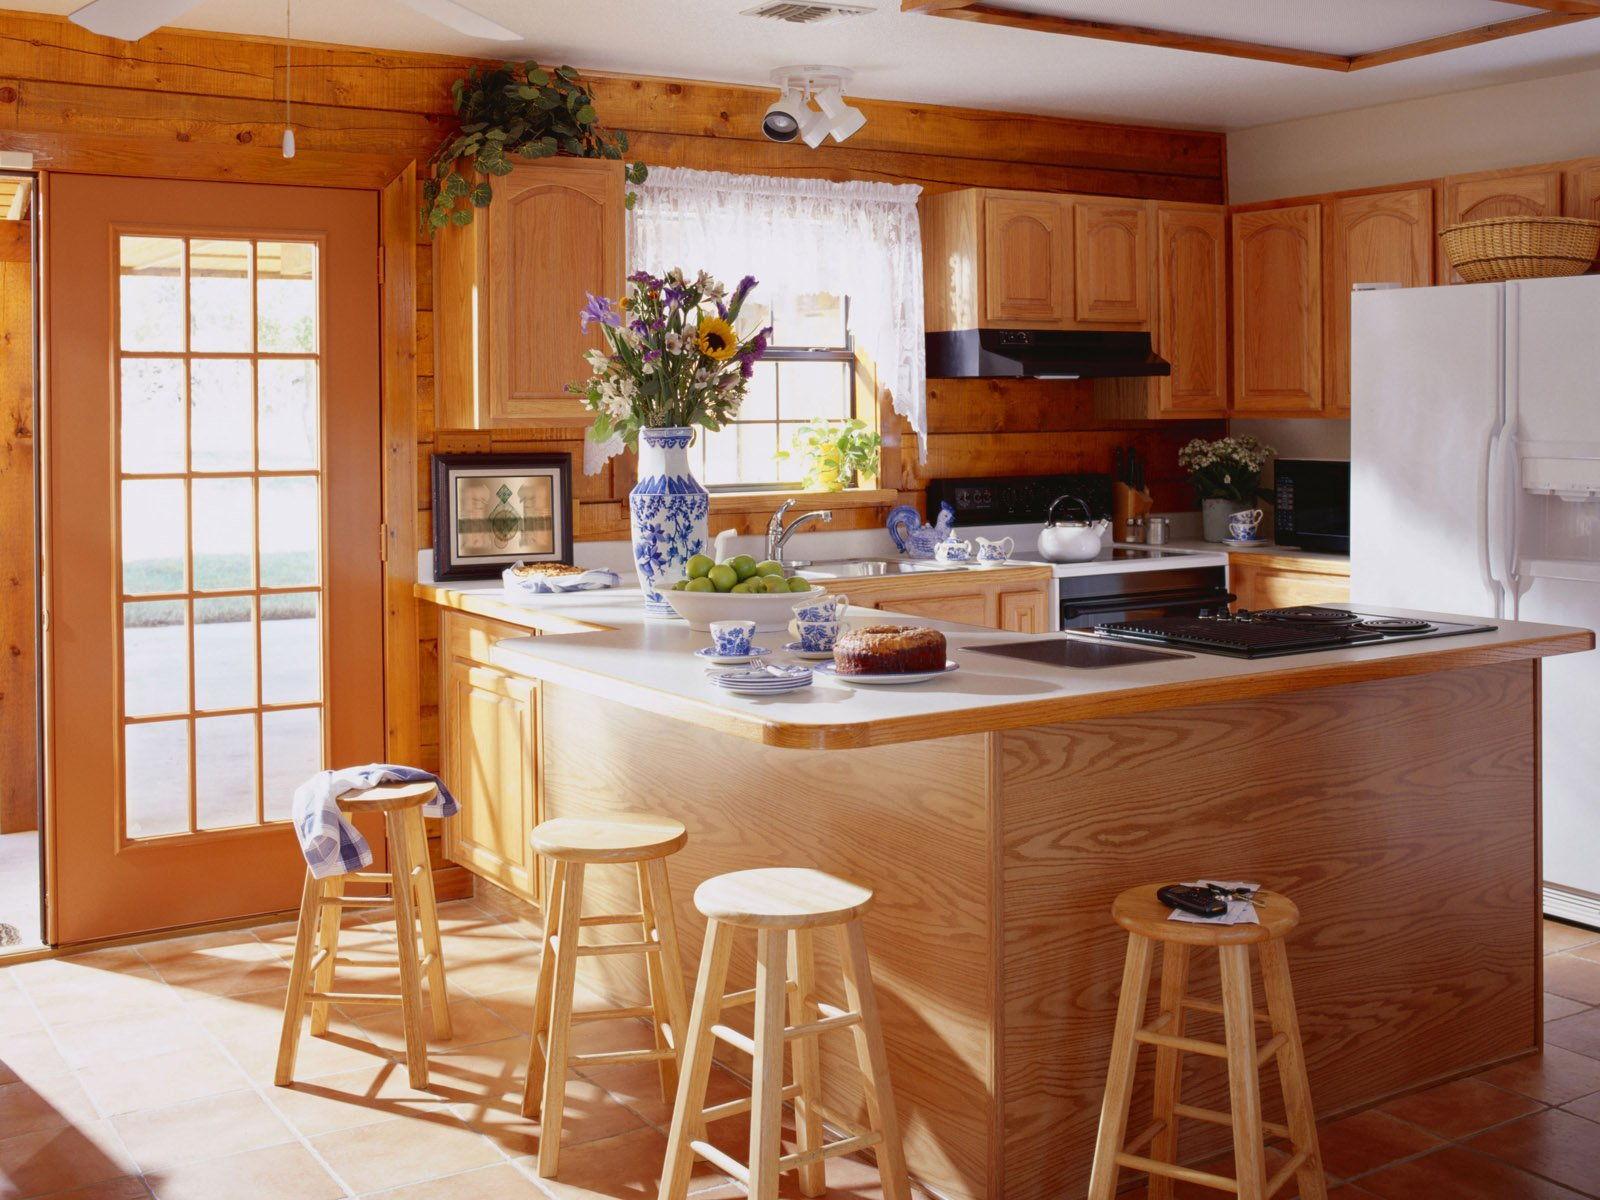 Отделка кухни в частном доме: подходящий дизайн и материалы 26